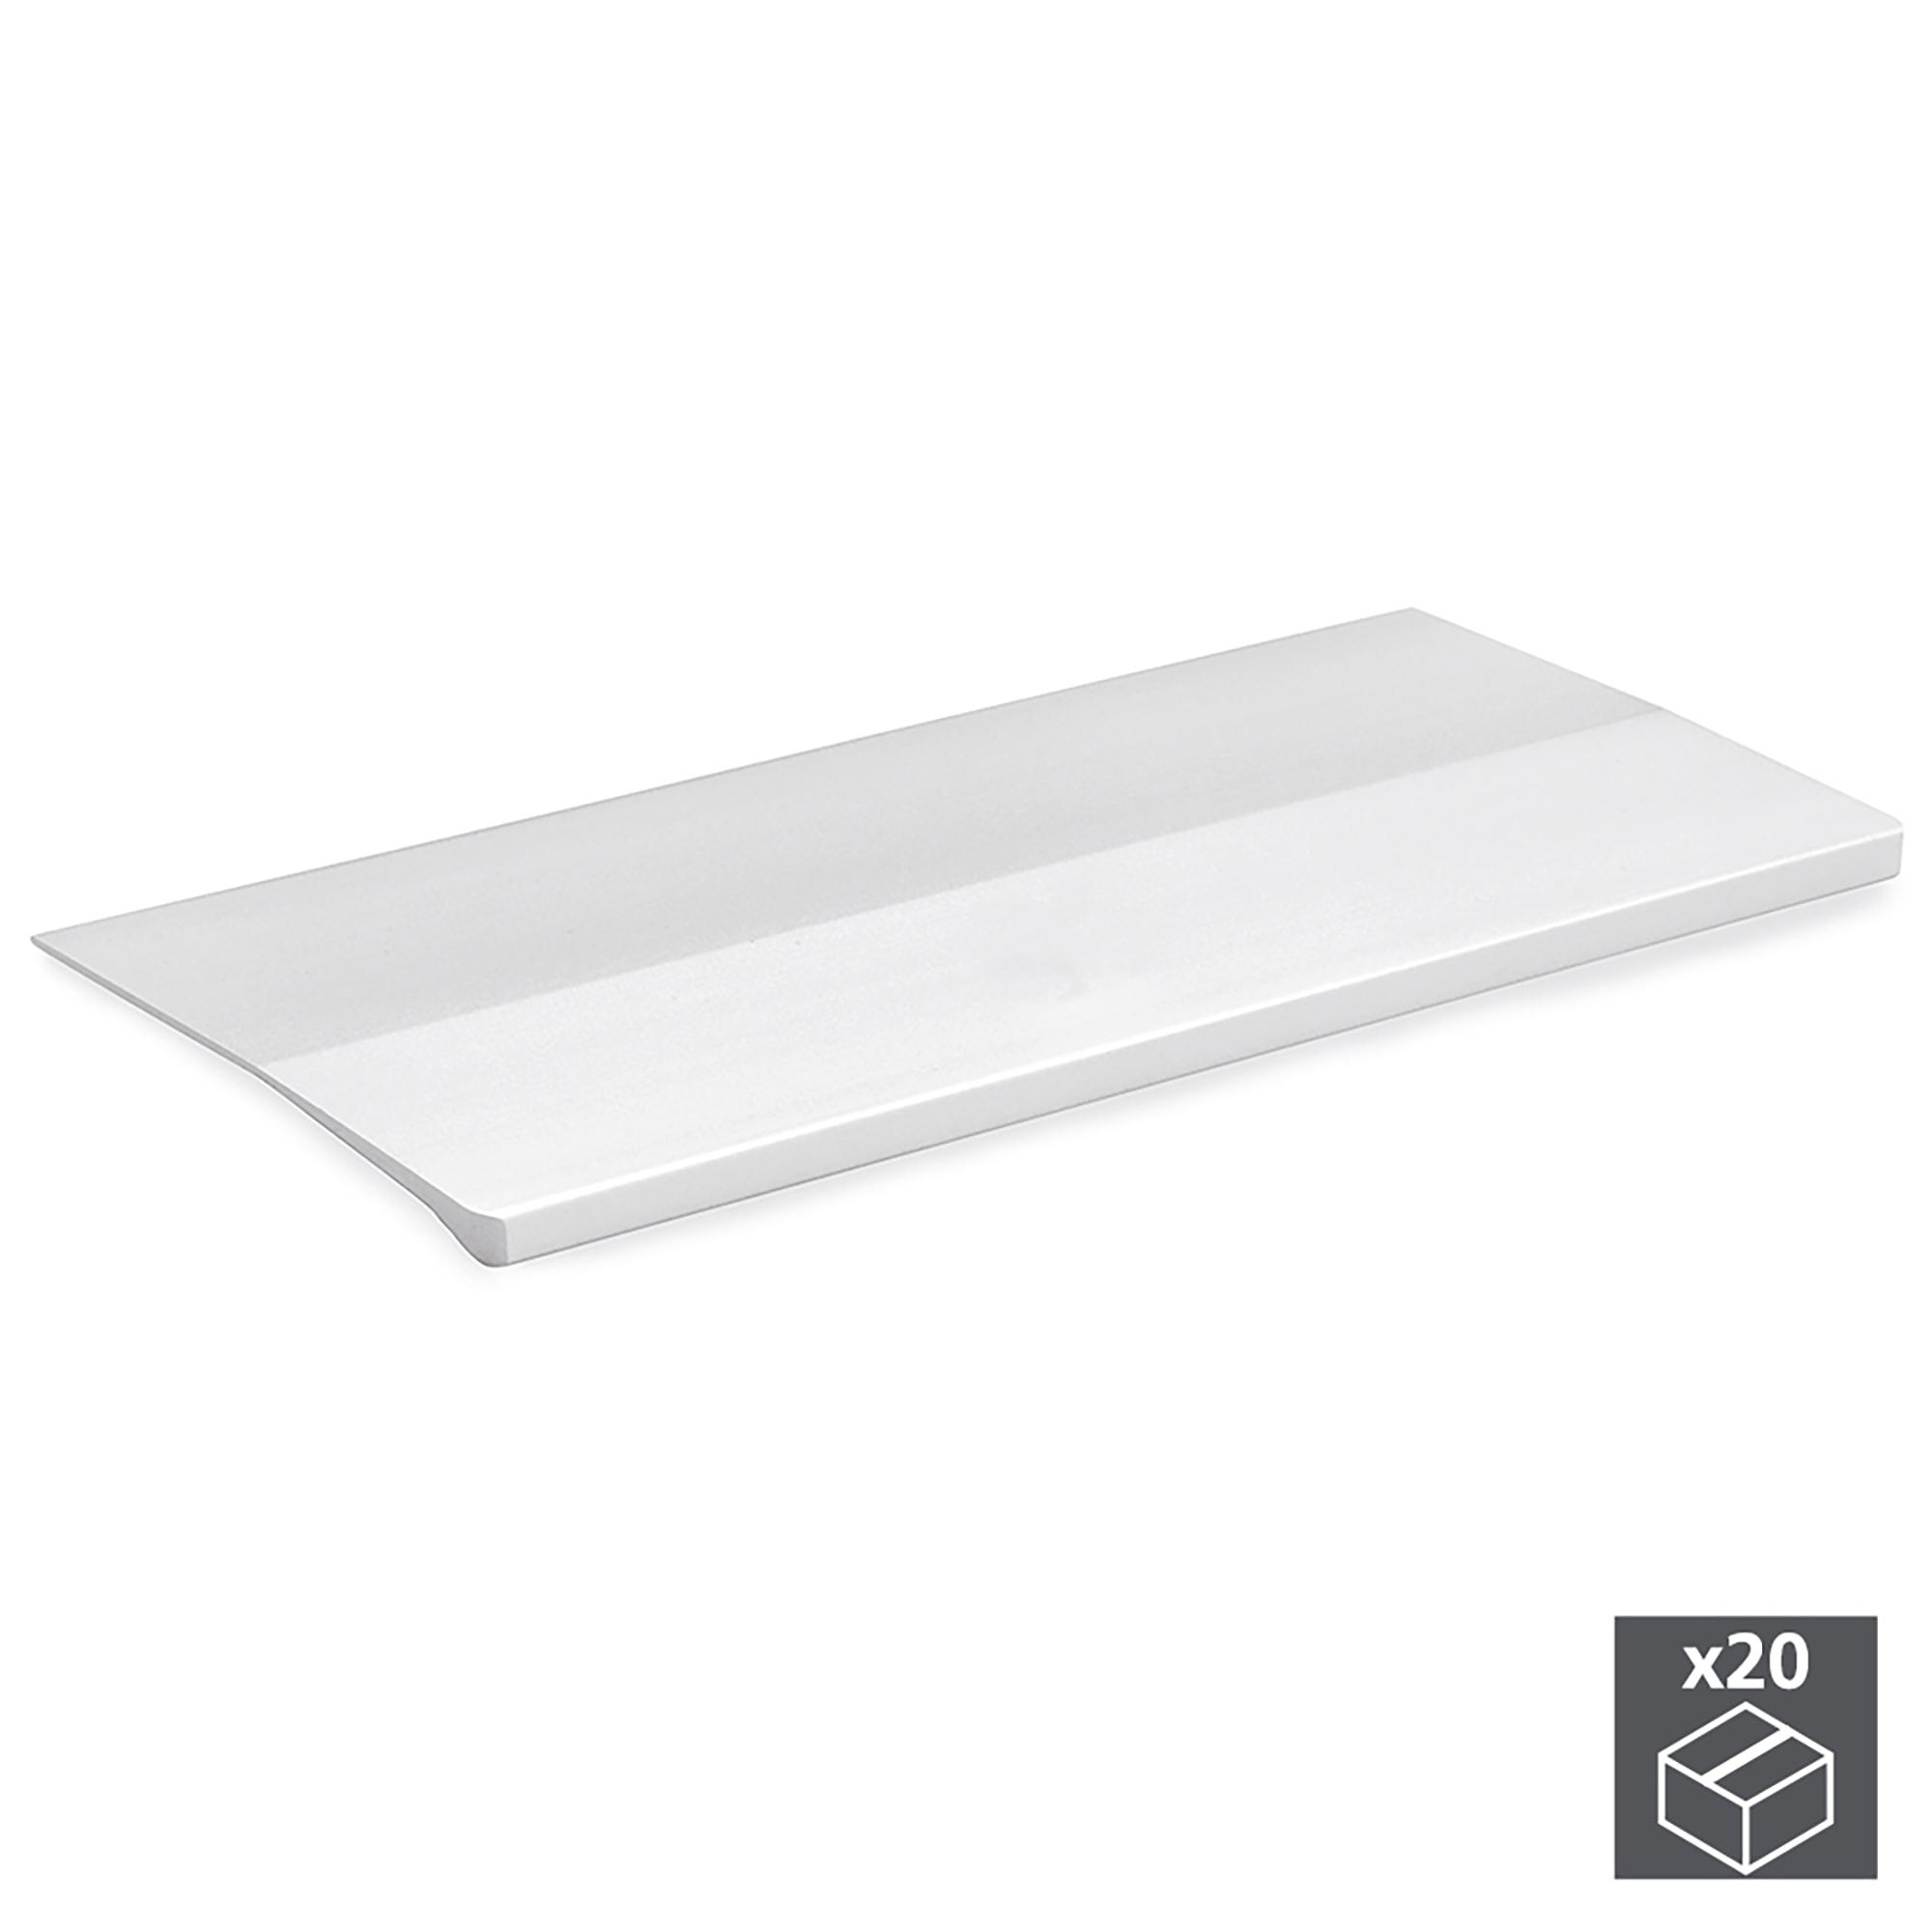 Emuca Maniglie adesive per mobile, 158 mm, Alluminio, Anodizzato opaco, 20 u.